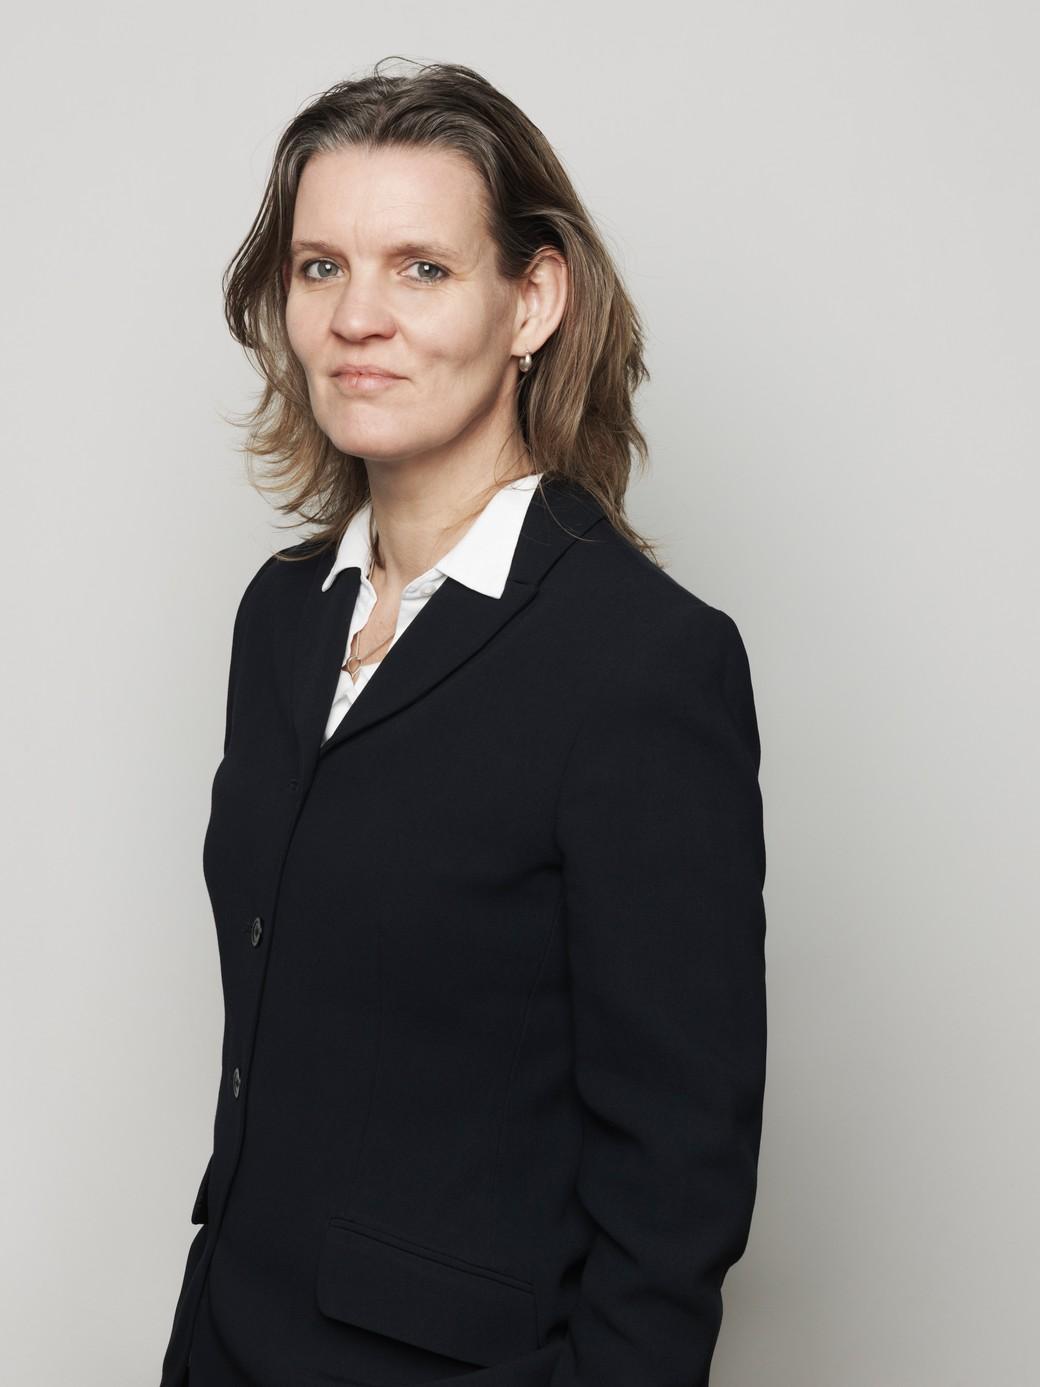 Van Oorschot Marijke Schermer Annaleen Louwes